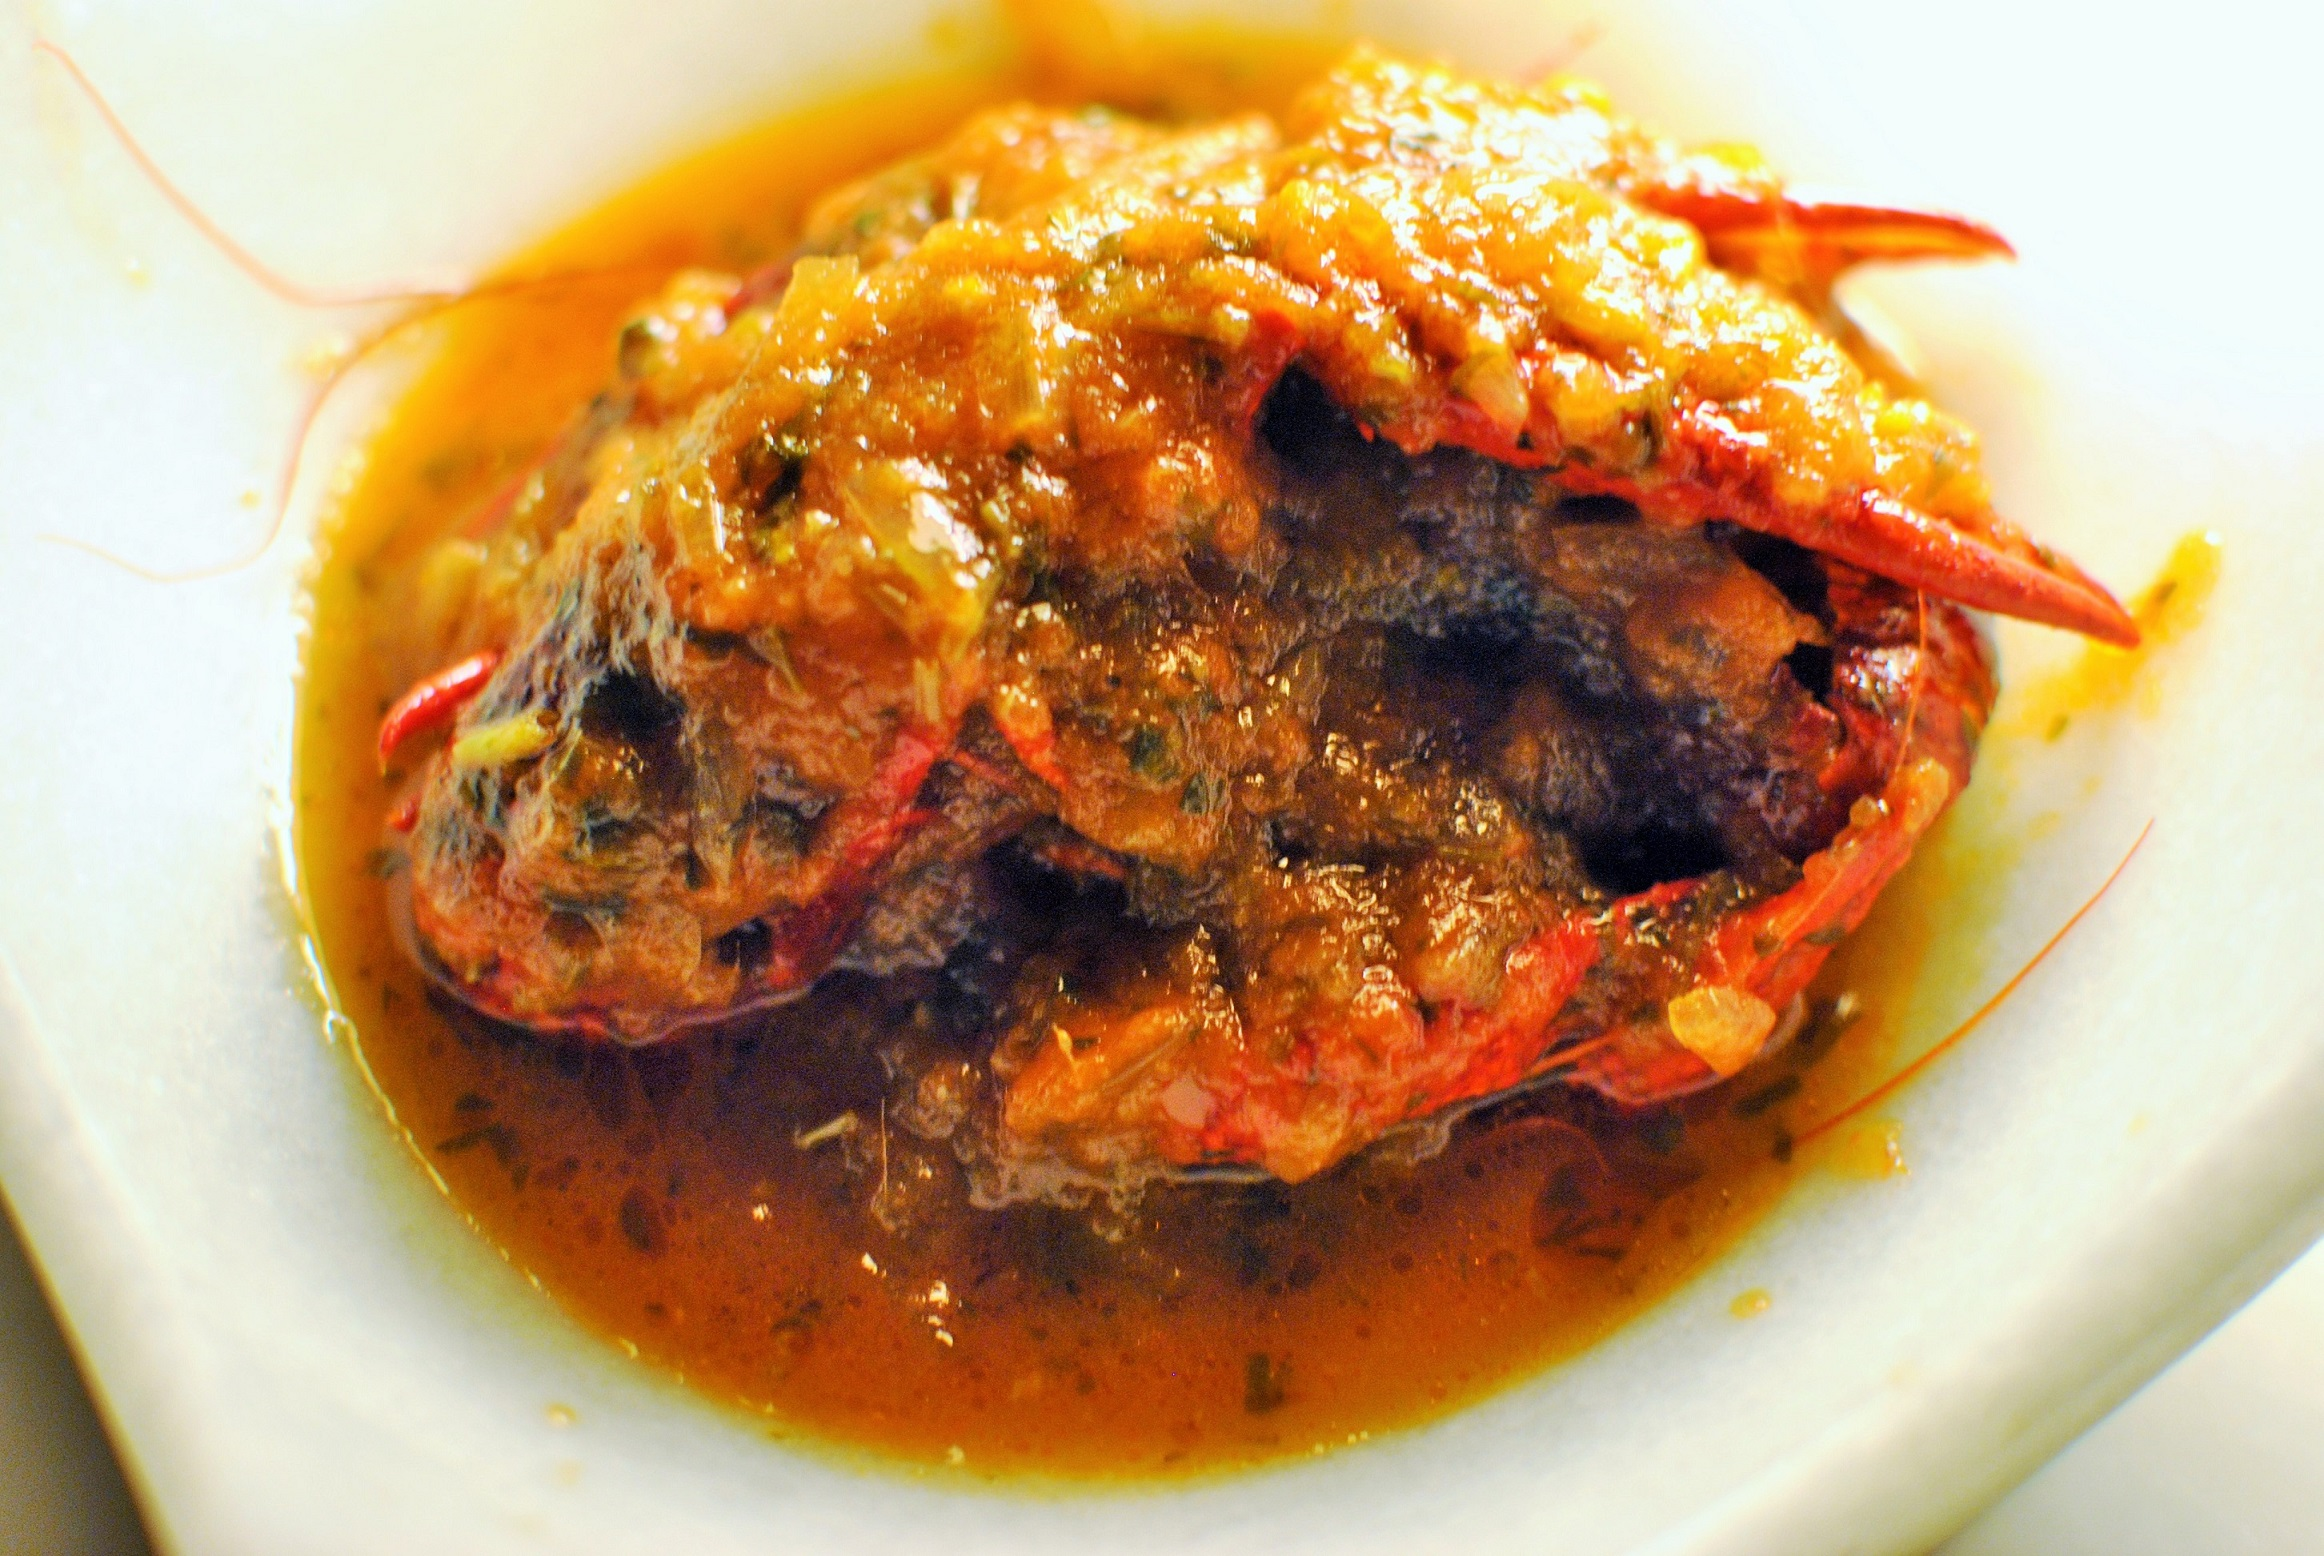 Chili_crab2_sacha